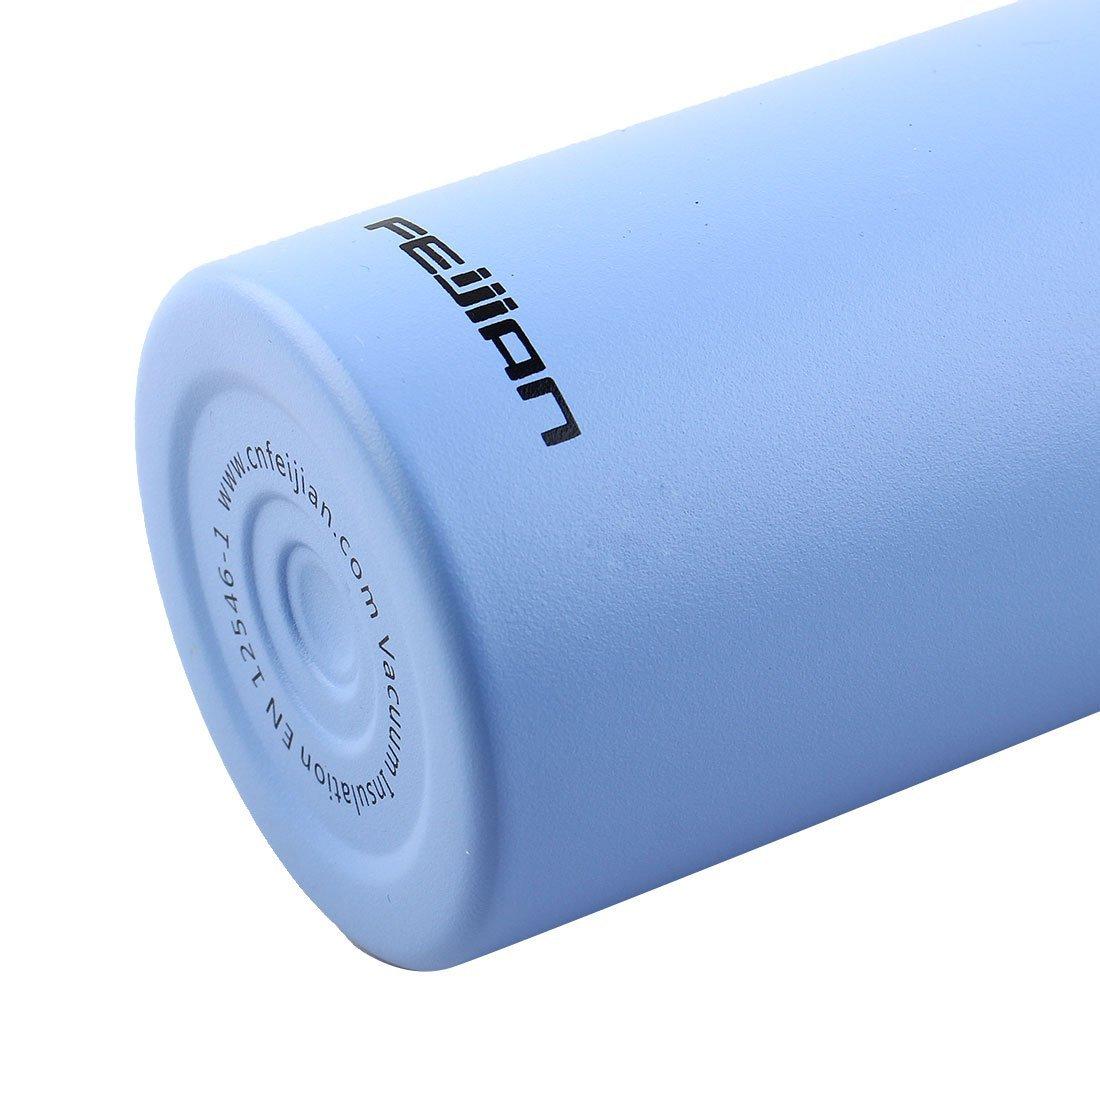 Amazon.com : eDealMax Feijian autorizado Acero inoxidable Deportes Viajes de pared Doble Con aislamiento al vacío a prueba de calor Taza del agua de Botella ...